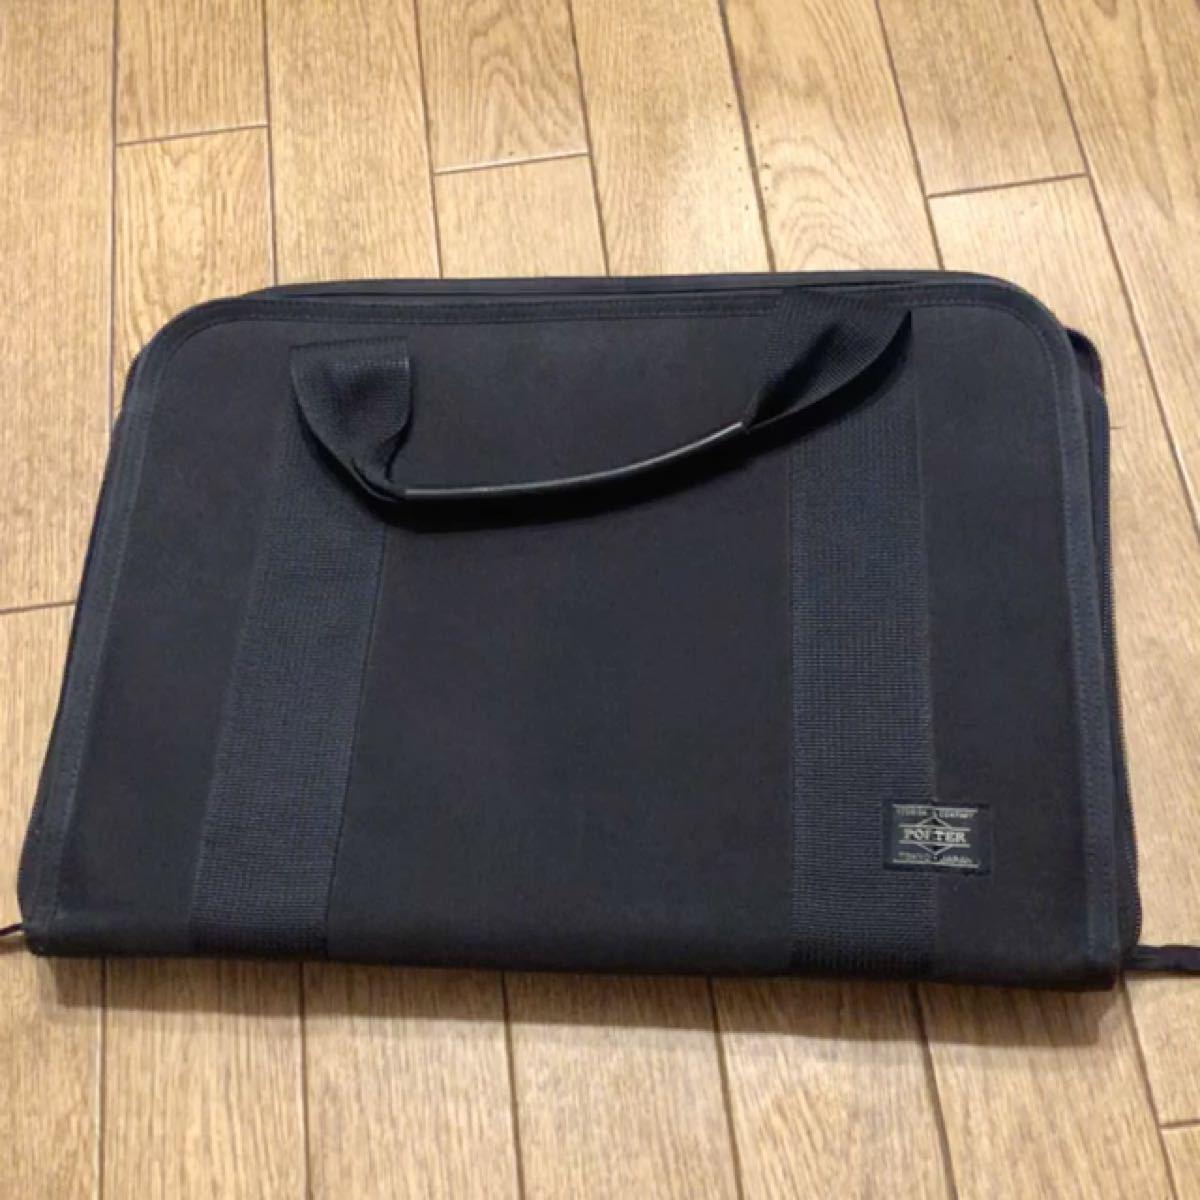 ★最終値下げ★ PORTER ビジネスバッグ 吉田カバン ブリーフケース 黒 ポーター